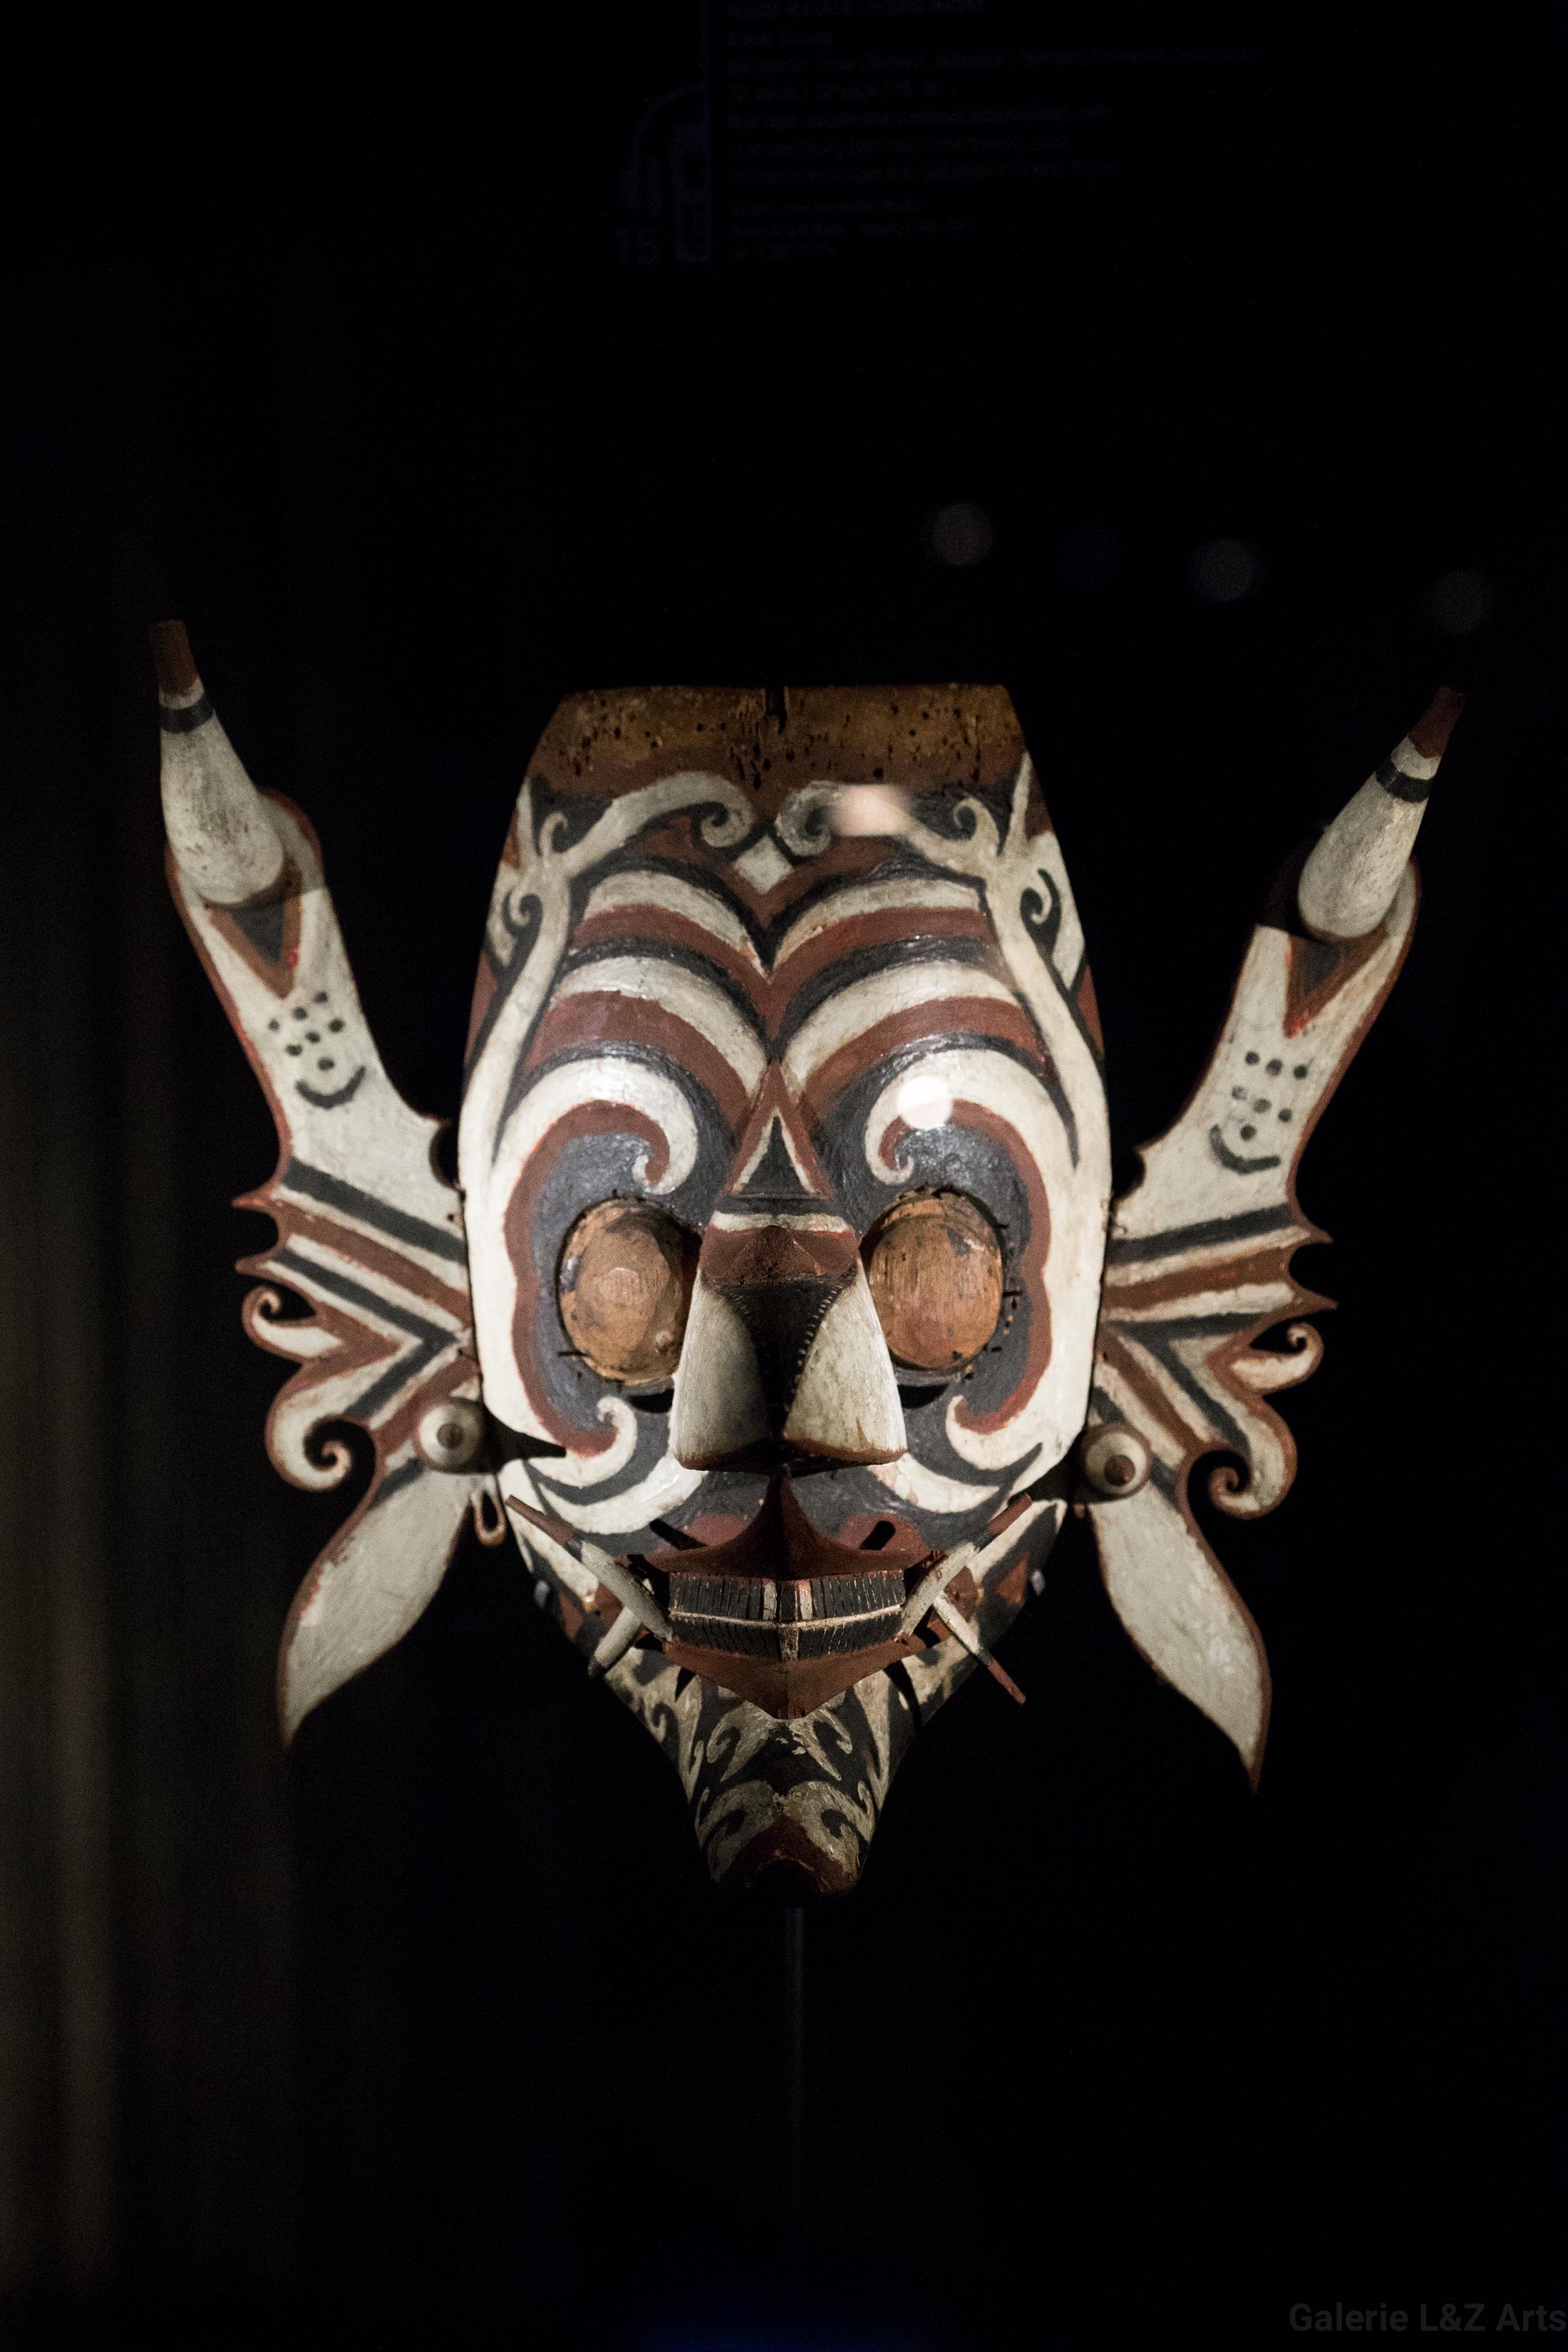 exposition-masque-art-tribal-africain-musee-quai-branly-belgique-galerie-lz-arts-liege-cite-miroir-oceanie-asie-japon-amerique-art-premier-nepal-22.jpg